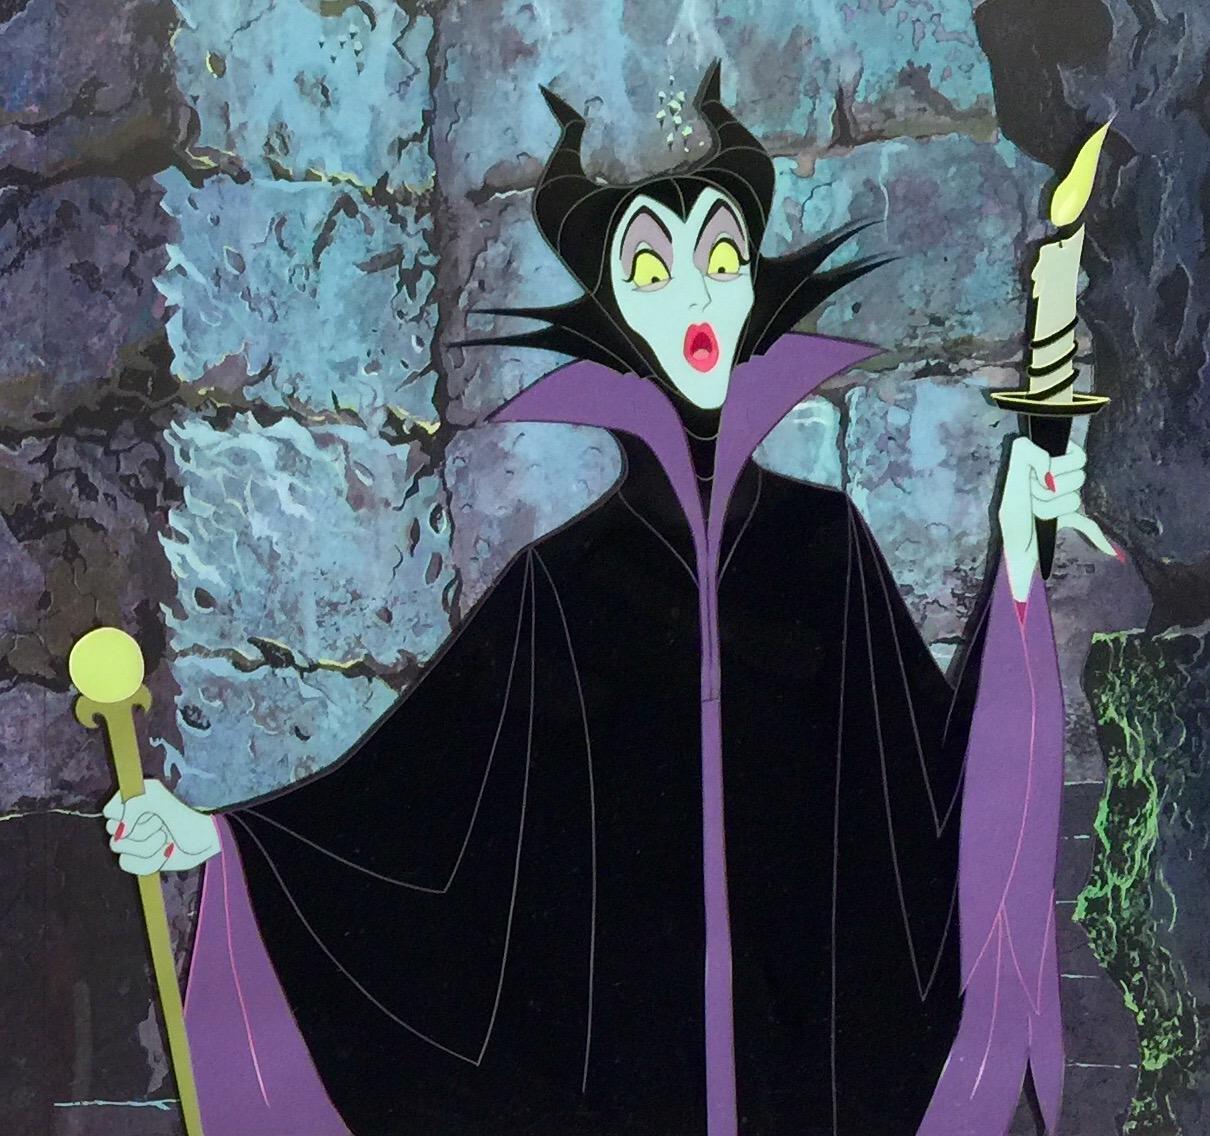 Maleficentcelw_candlea